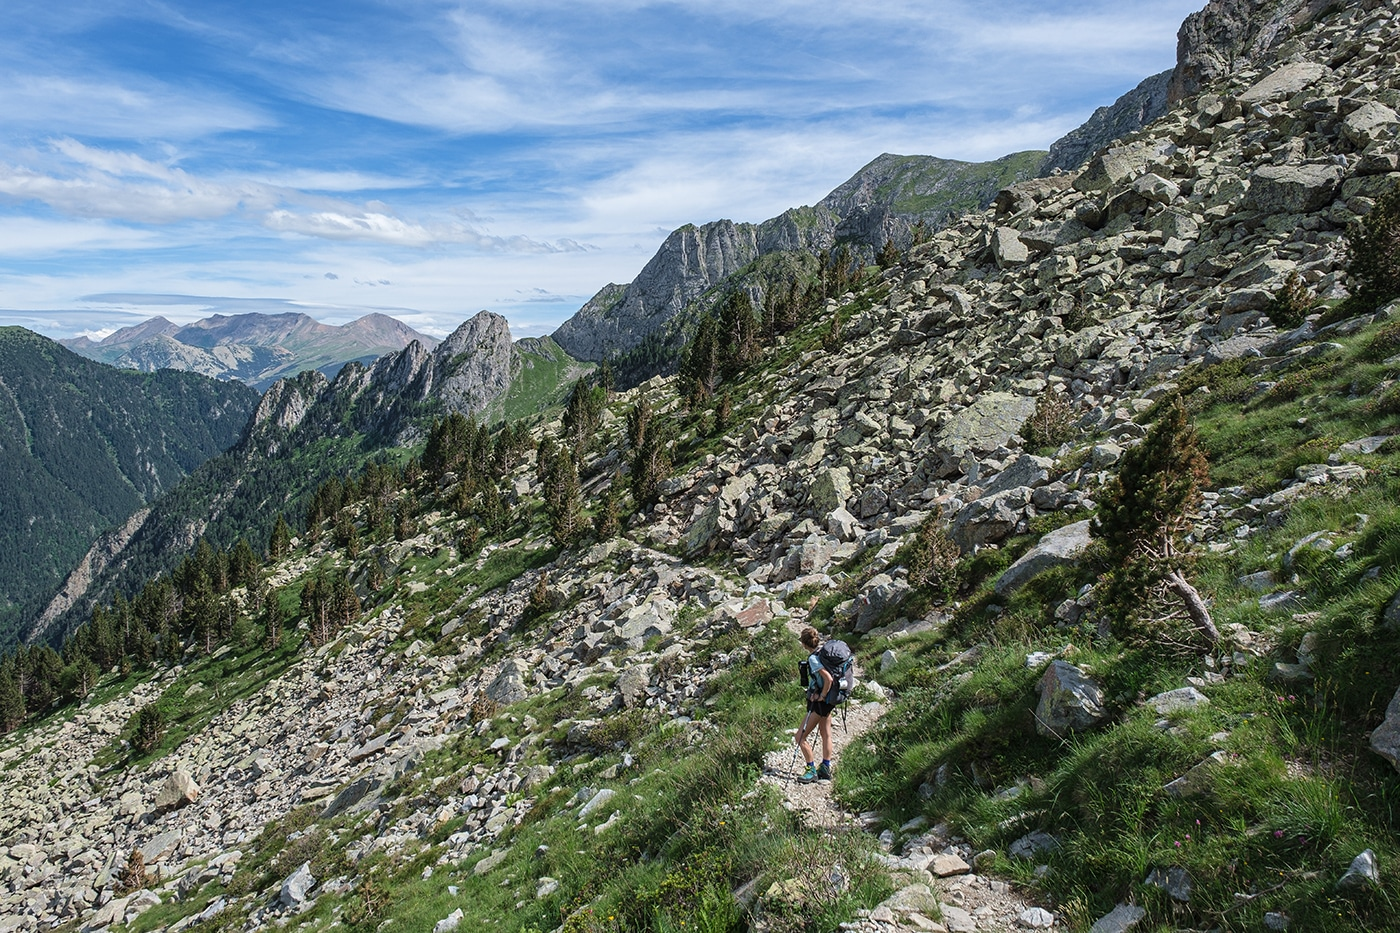 Sentier randonnée pic des Posets depuis Angel Orus